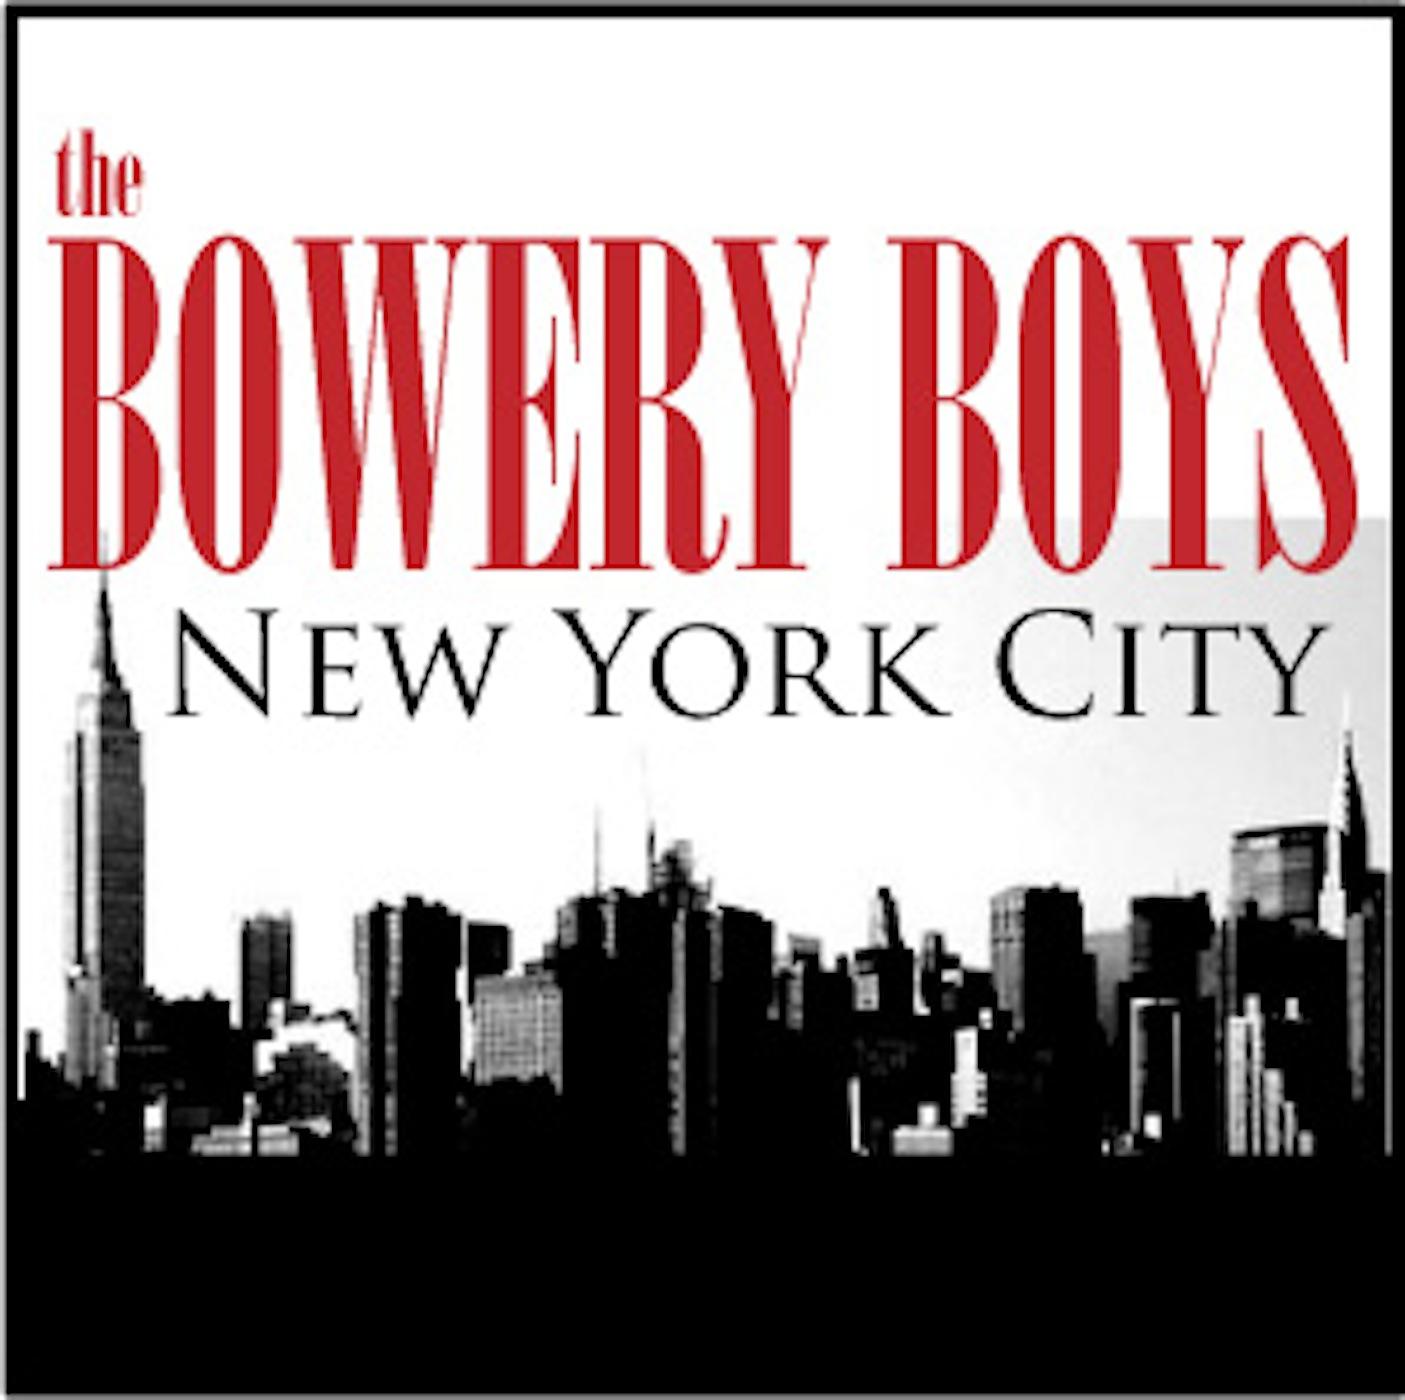 New York City History: The Bowery Boys